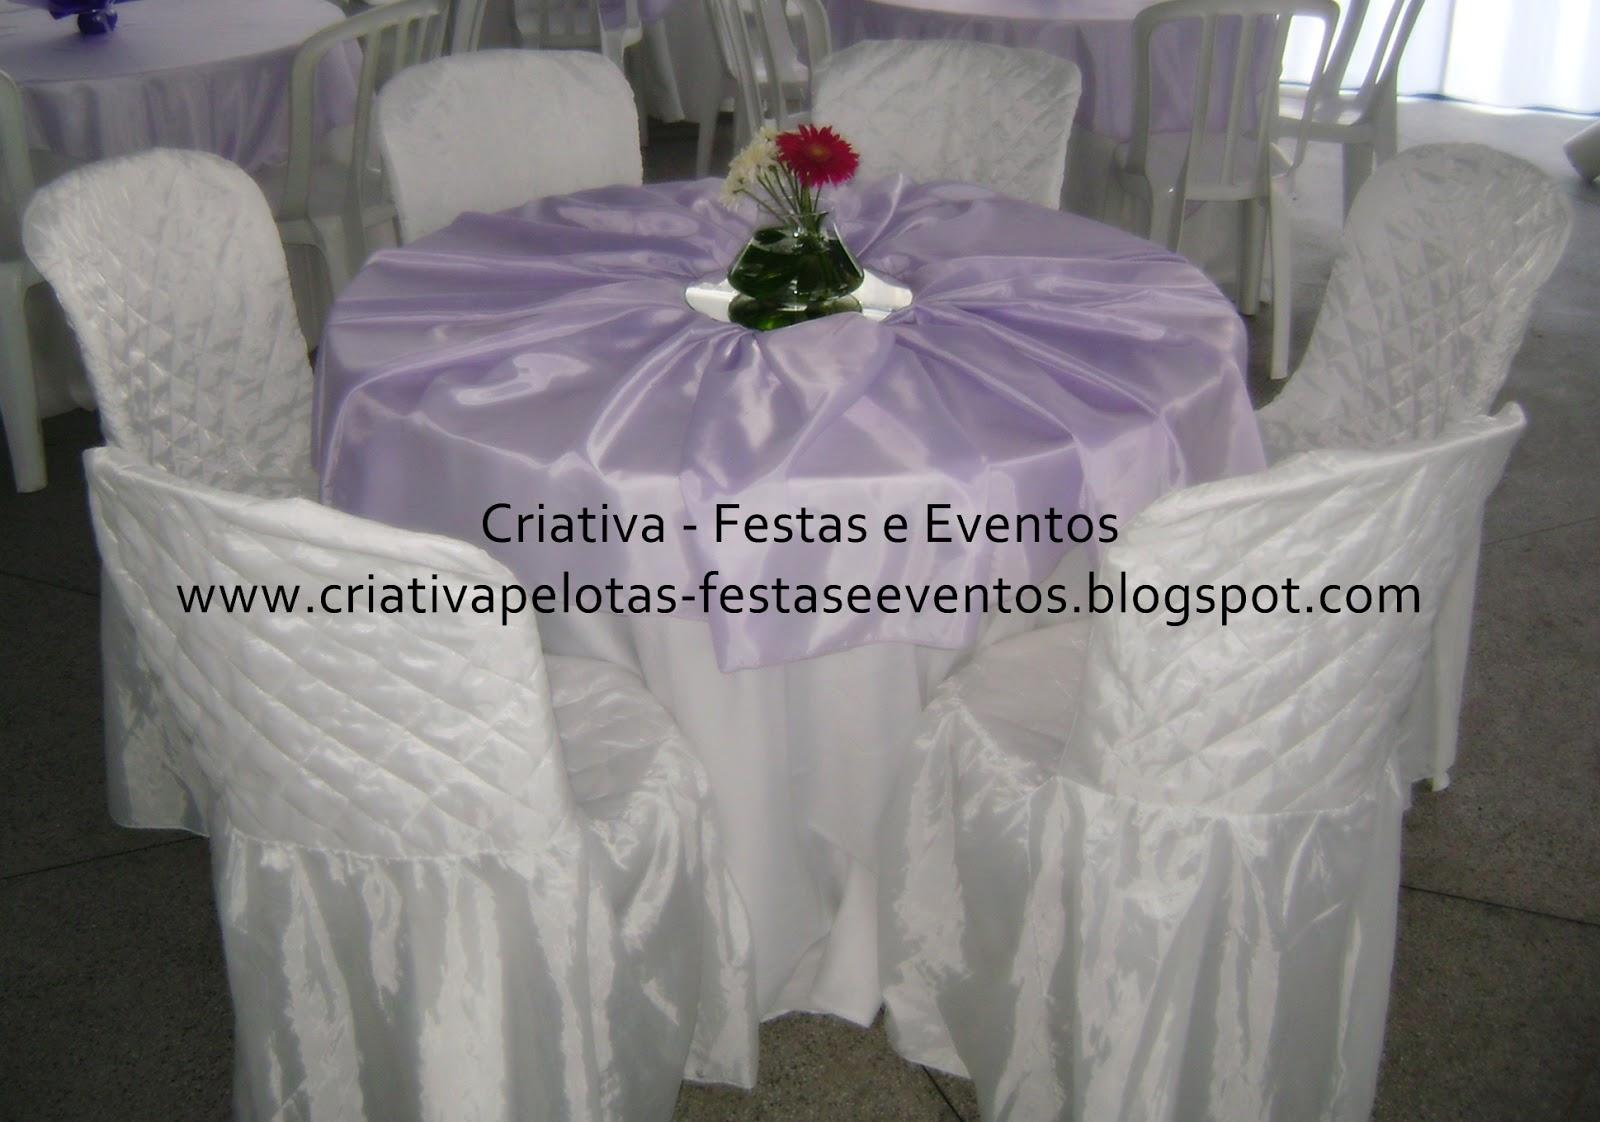 decoracao branco e lilas para casamento:Criativa Festas e Eventos: Decoração de Casamento – Lilás e Branco